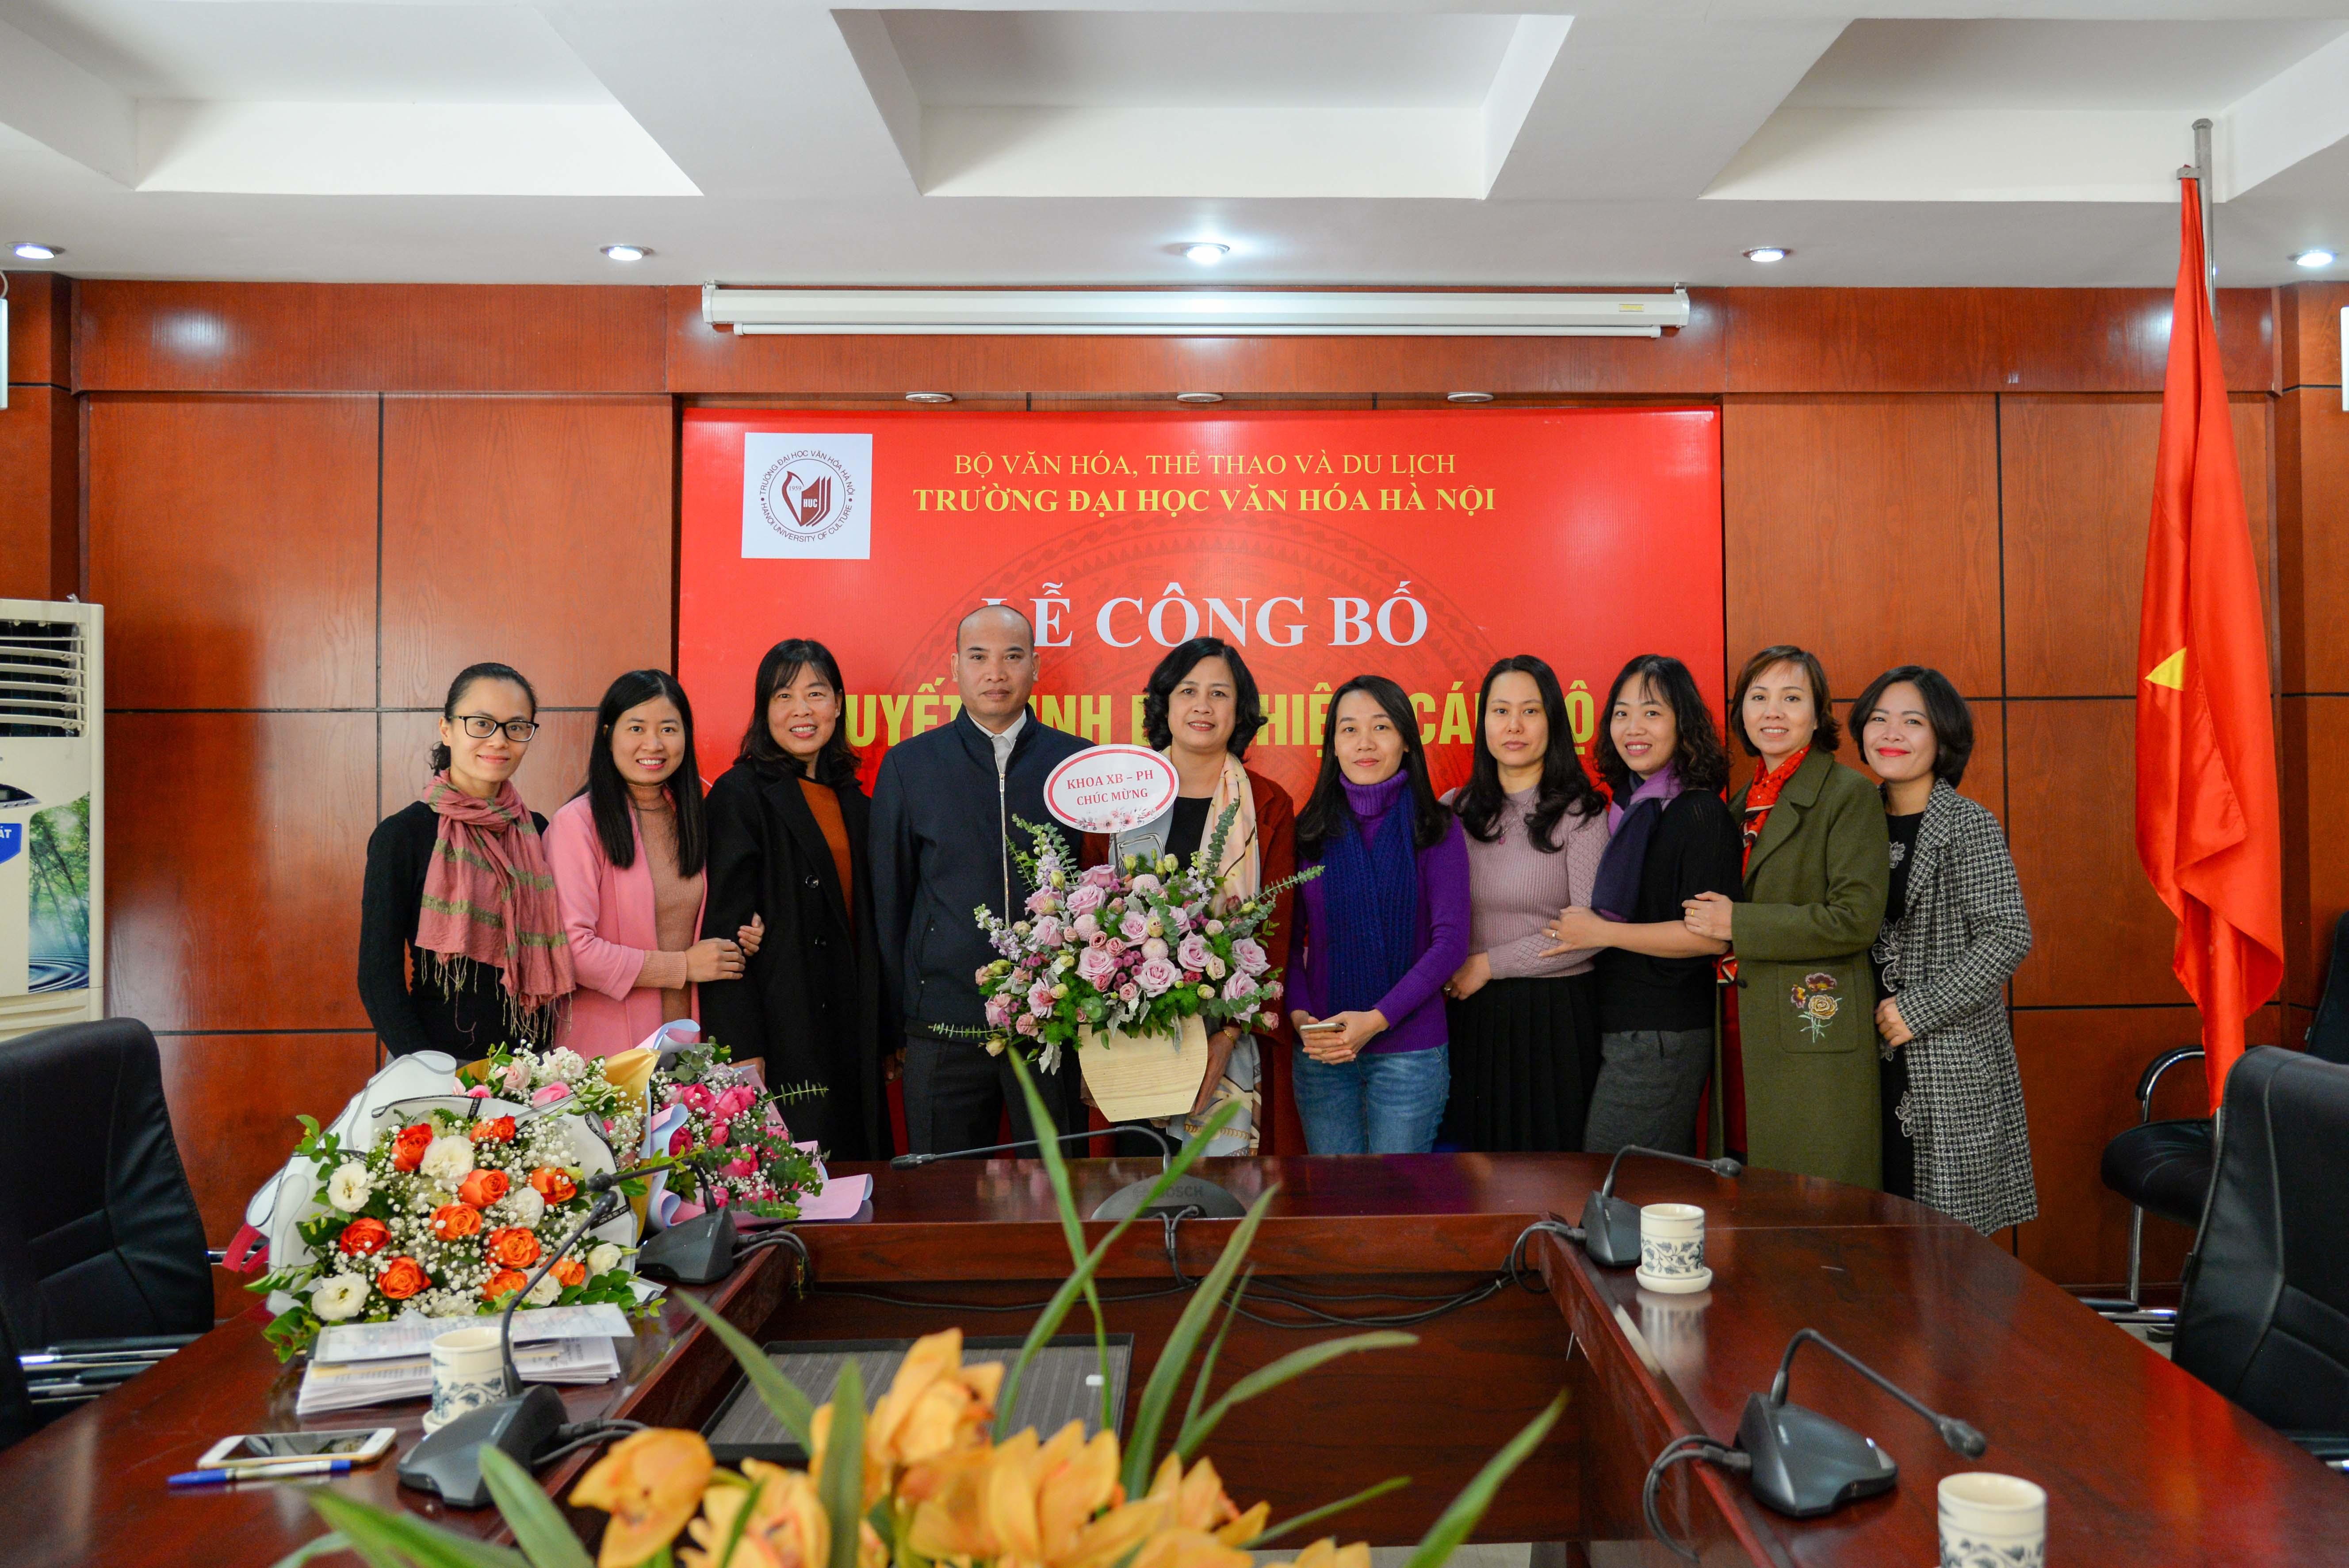 Lễ bổ nhiệm Phó trưởng khoa Xuất bản, Phát hành